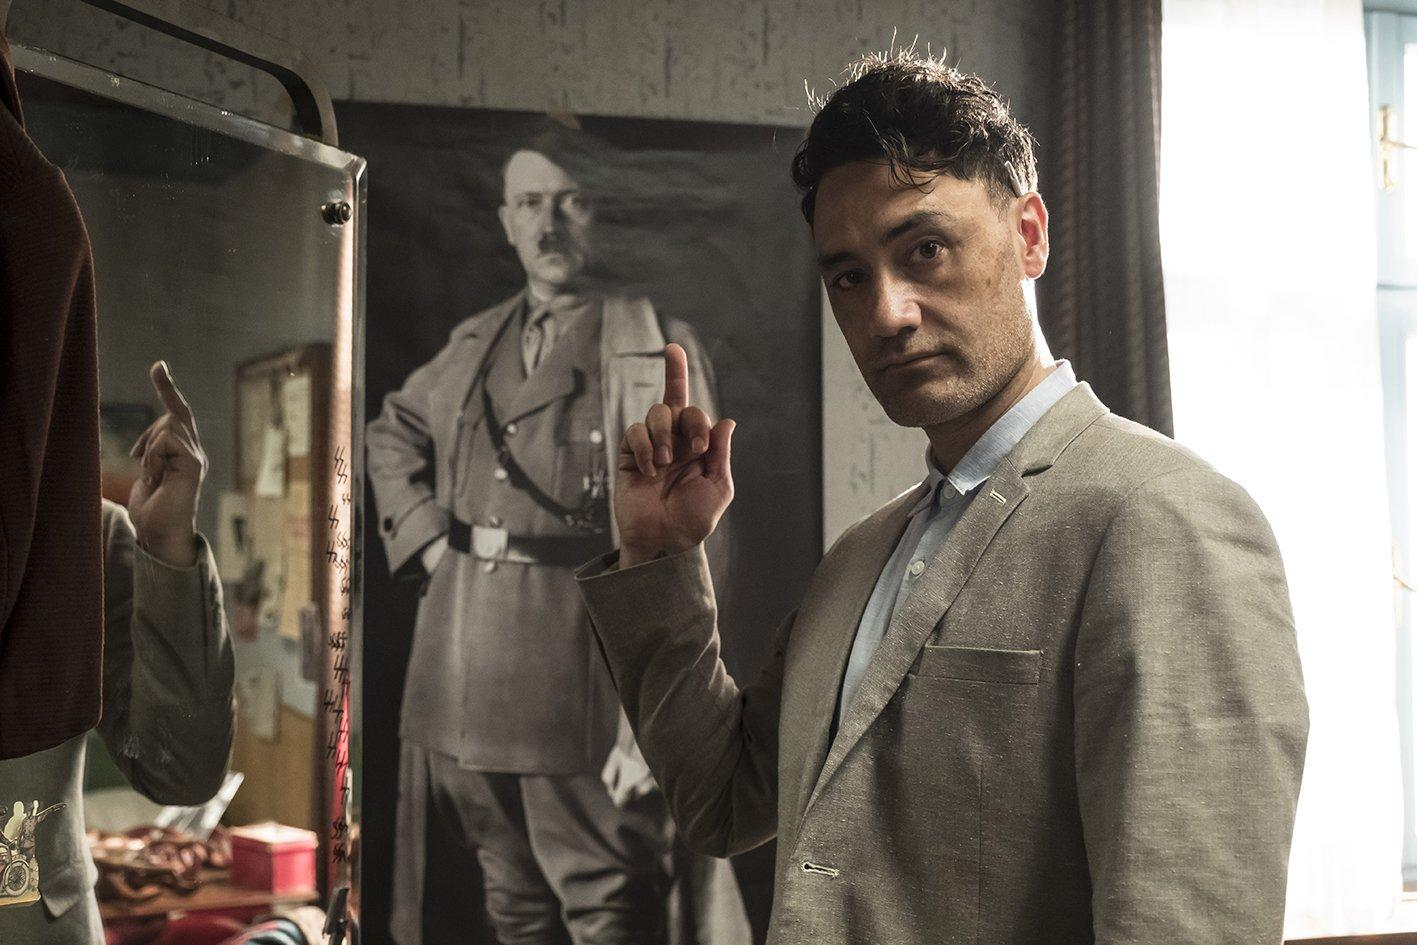 Reżyser nie pozwala zapomnieć, jaki naprawdę jest jego stosunek do Adolfa Hitlera